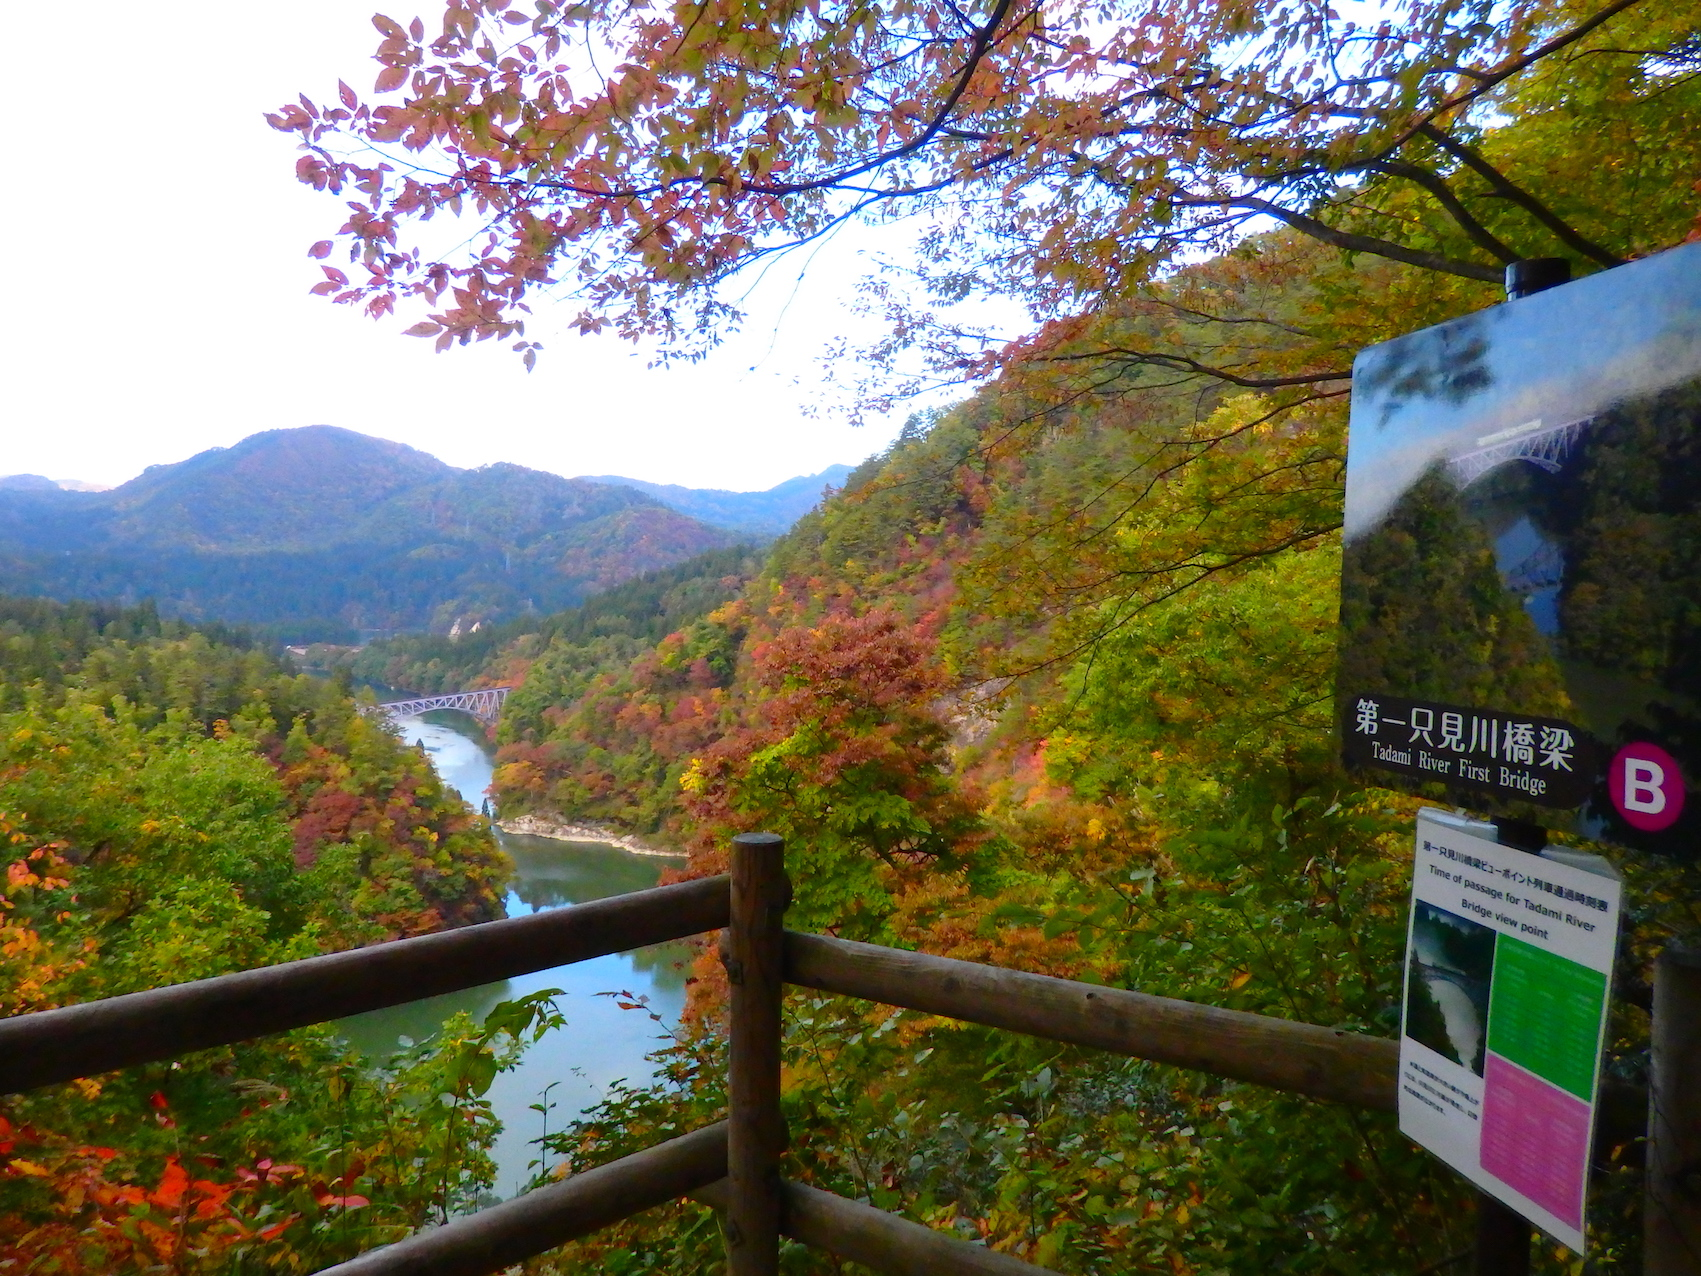 只見川沿いの紅葉